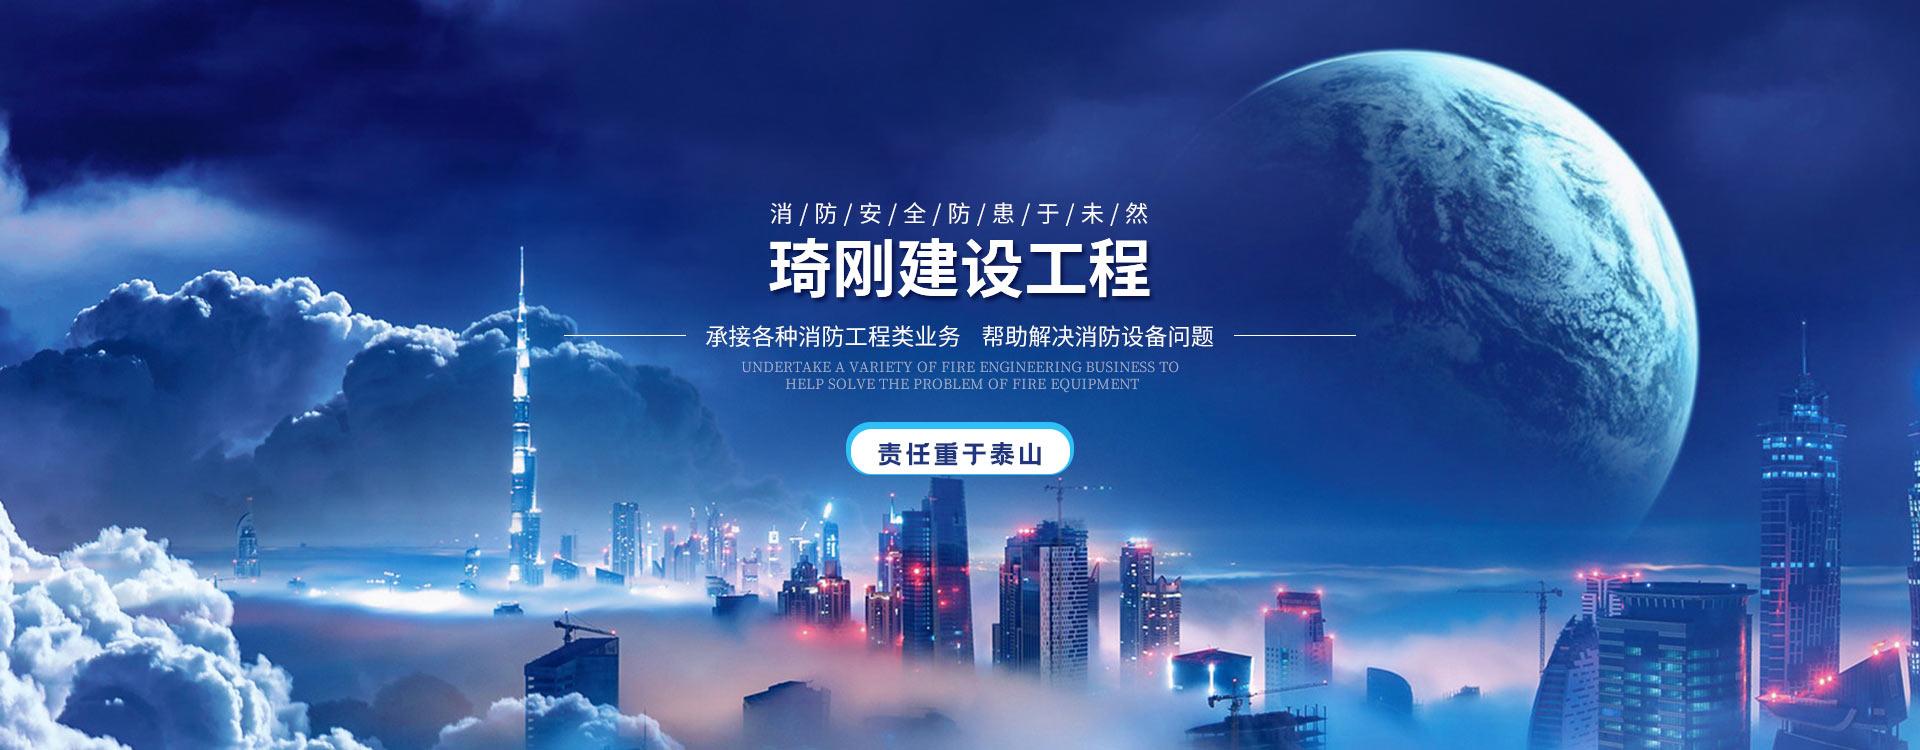 重庆消防工程设计